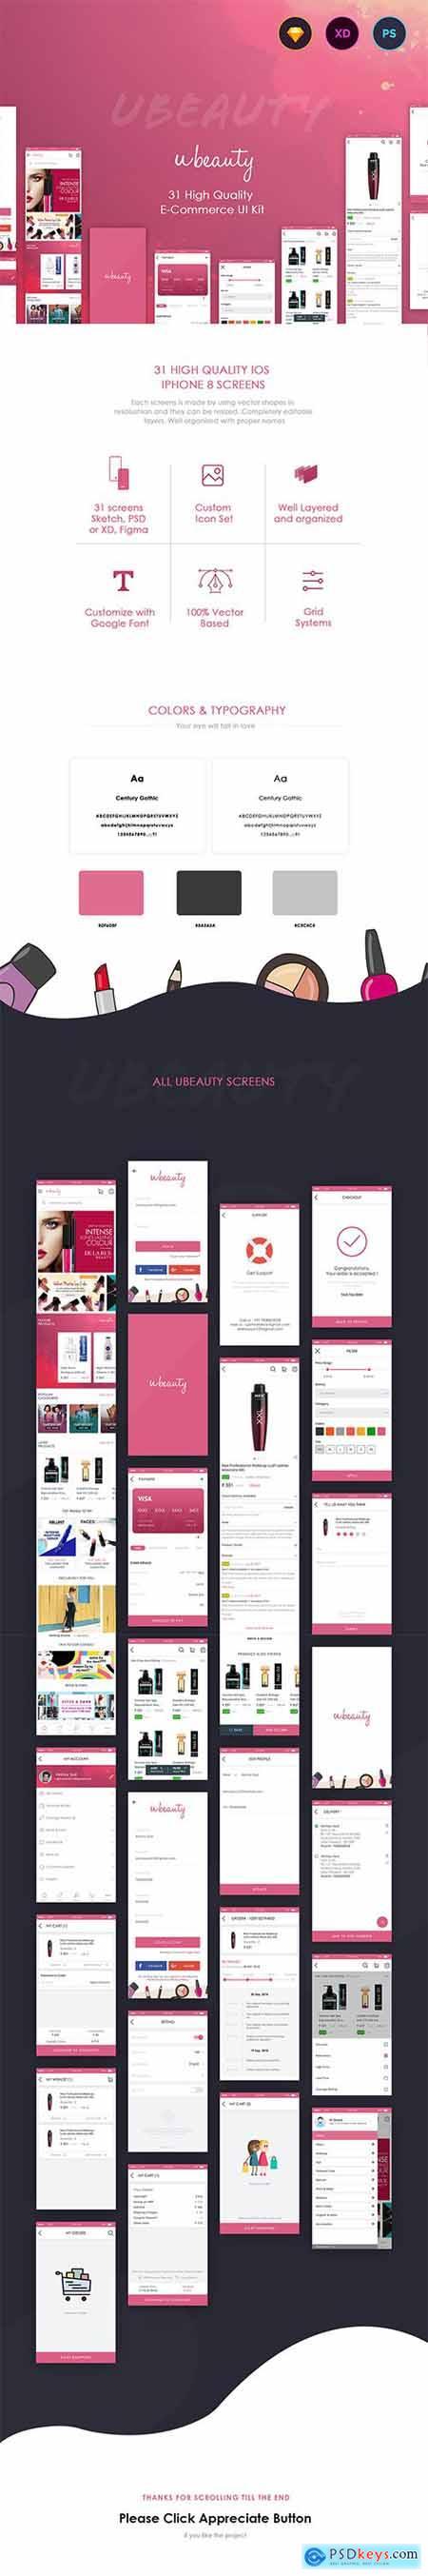 Ubeauty UI Kit